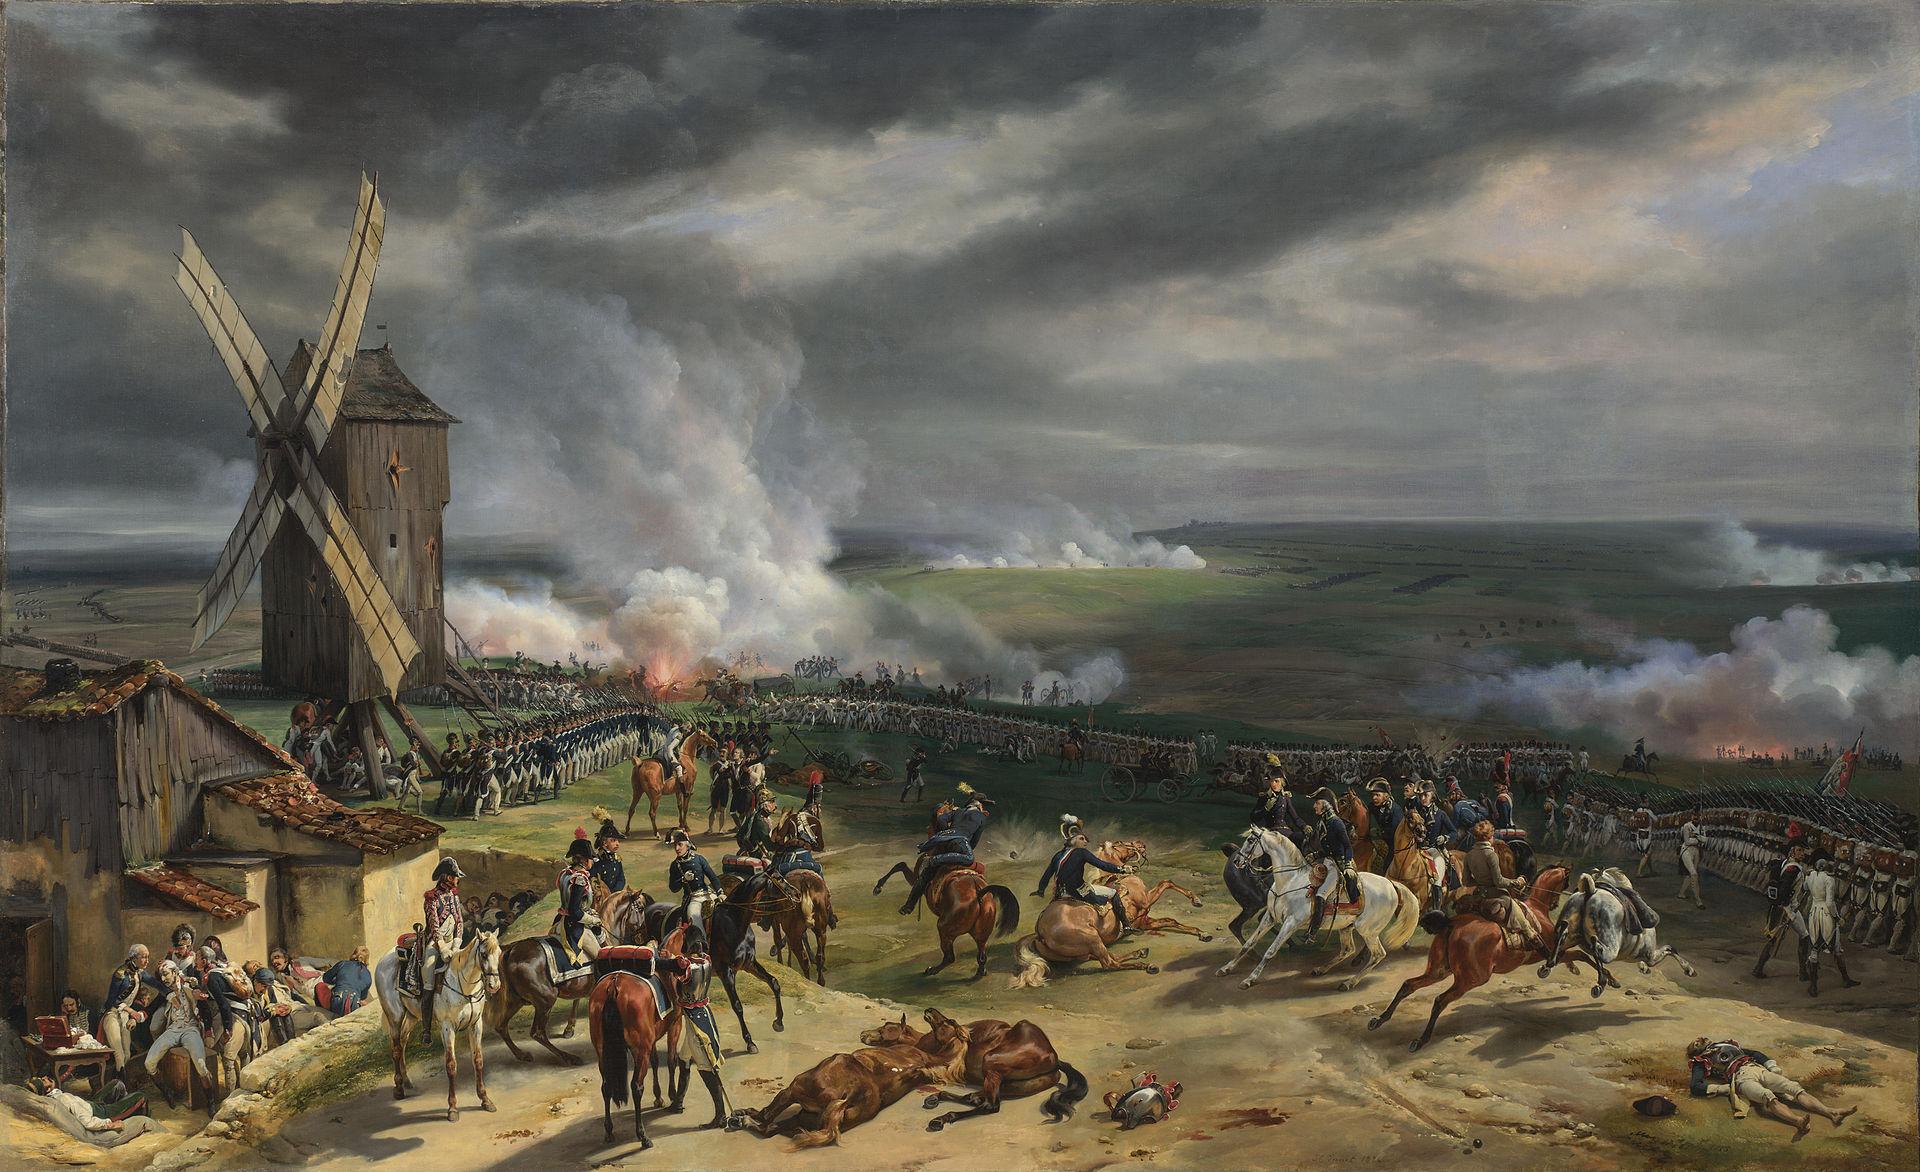 La Bataille de Valmy, le 20 septembre 1792 (Peinture d'Horace Vernet, 1826).